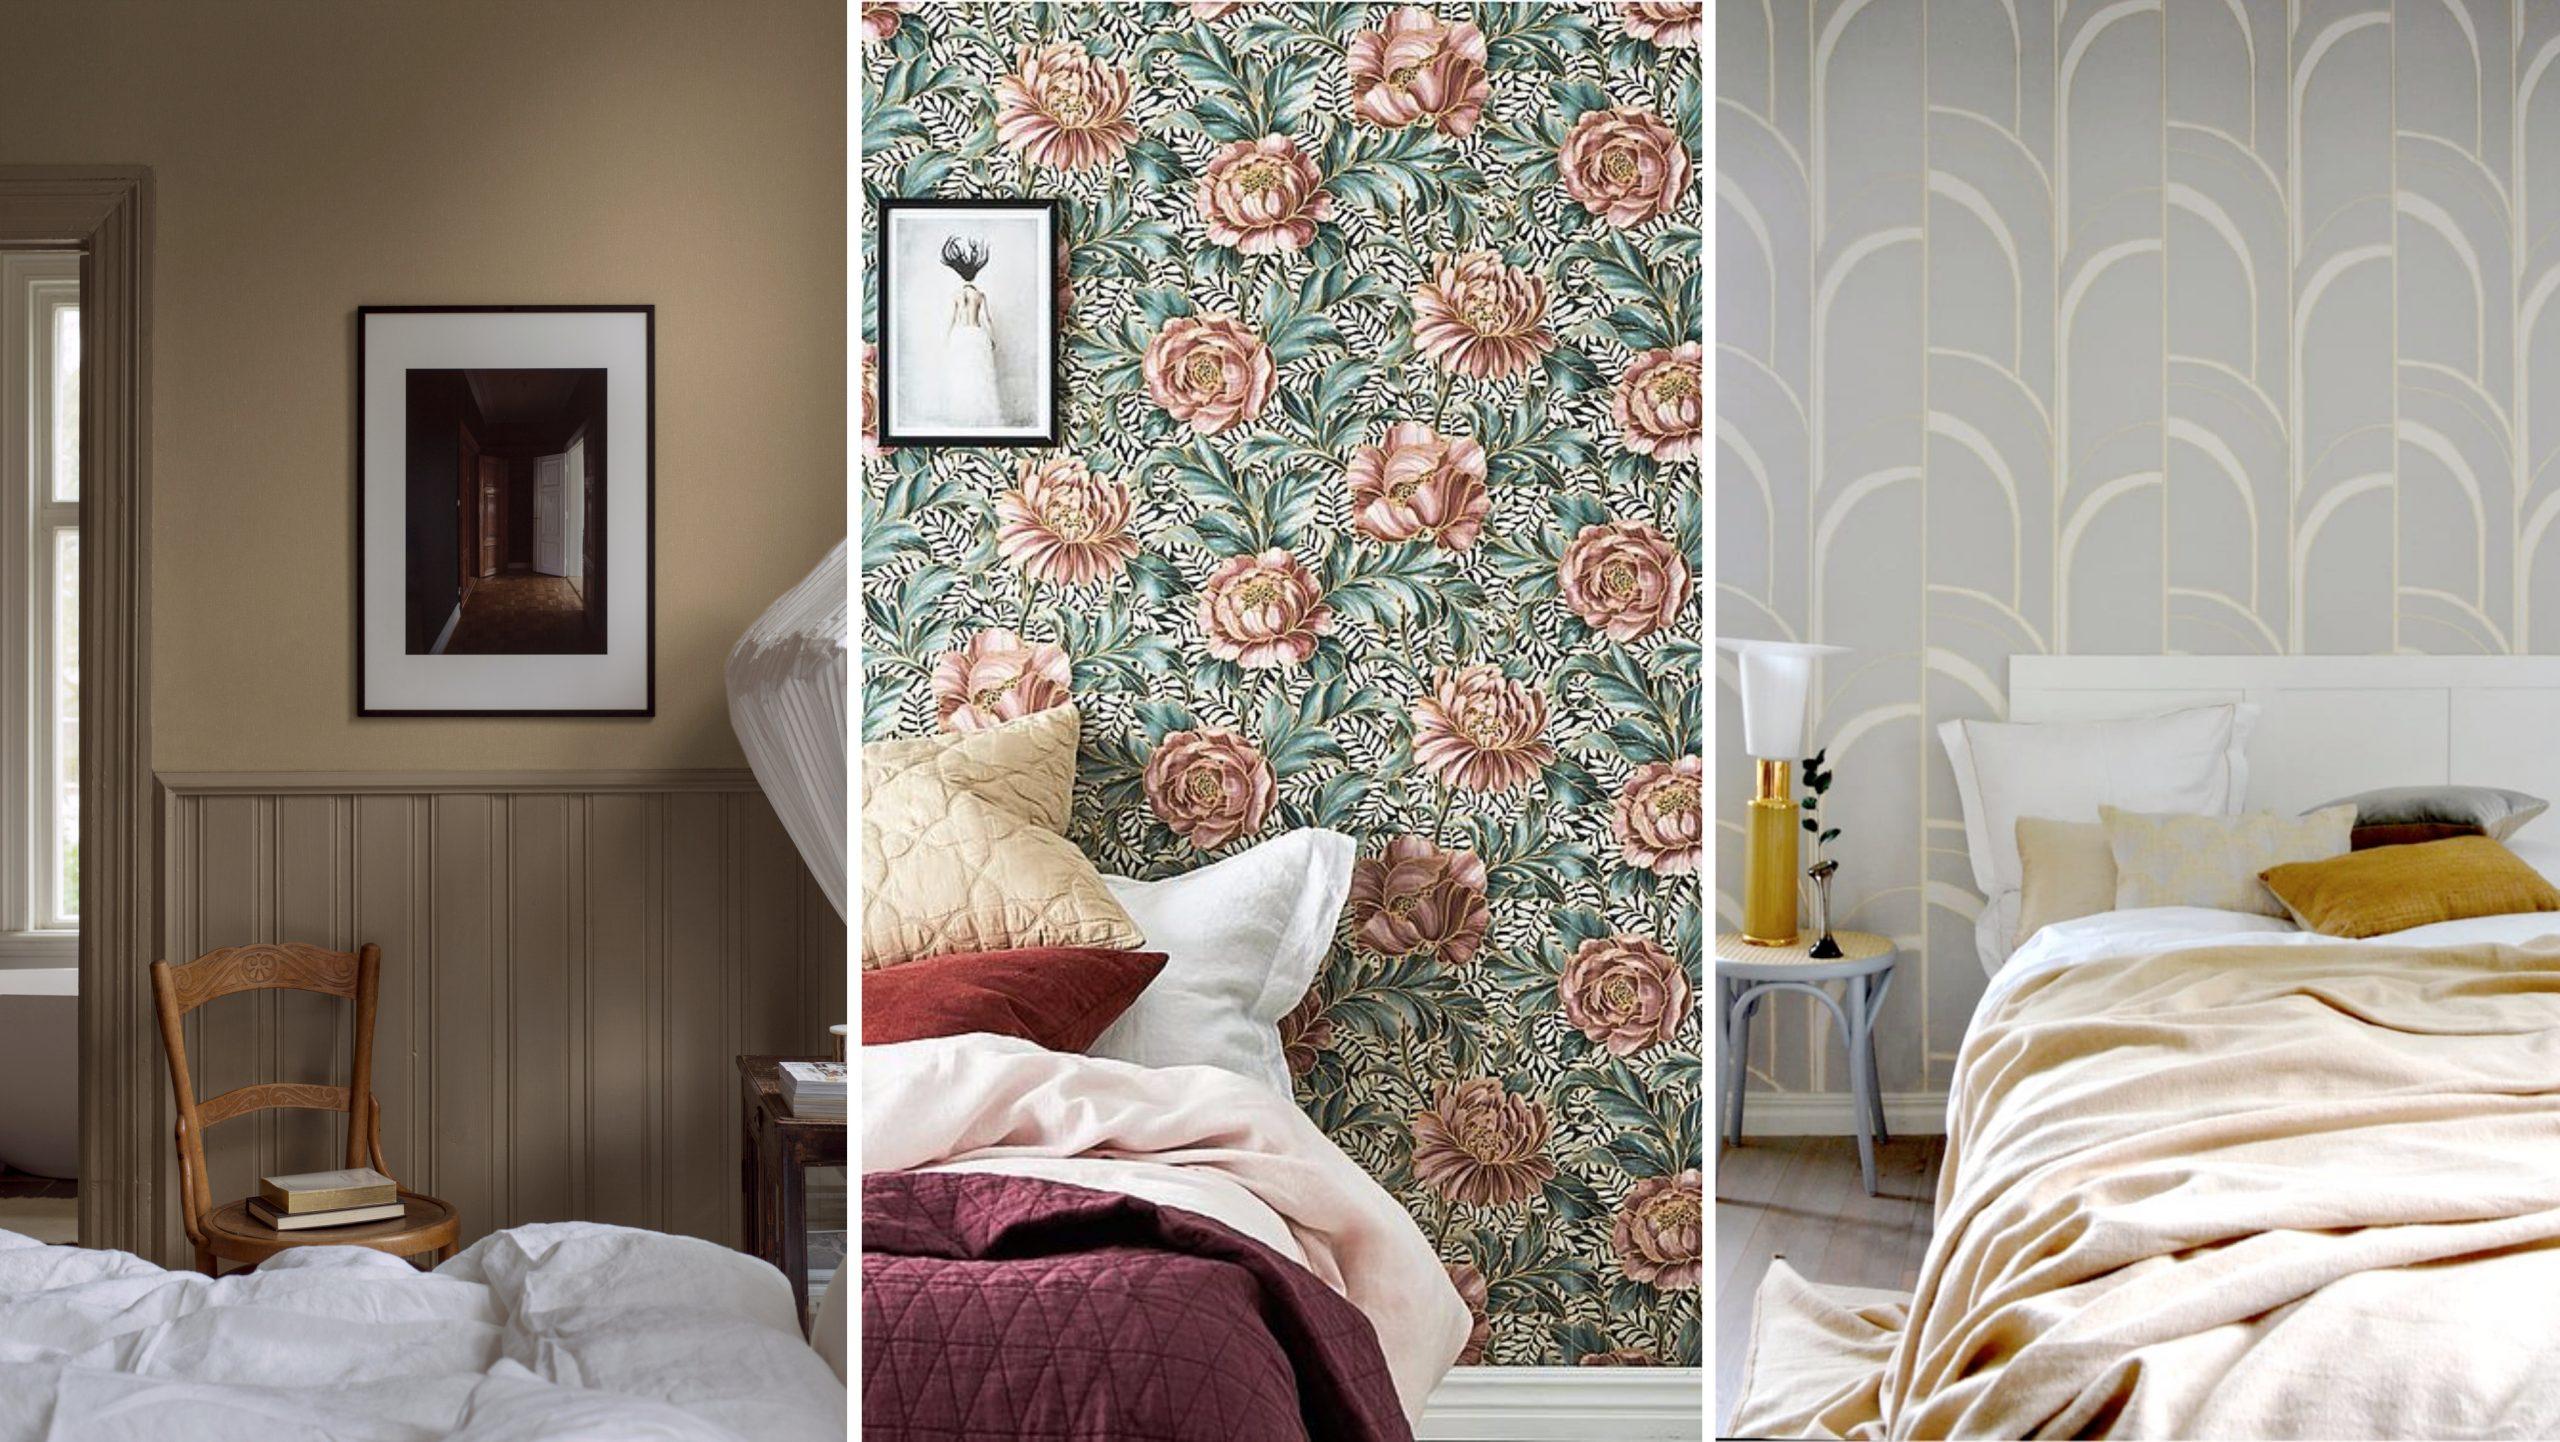 Vackra rum tapeter idéer för ditt hem